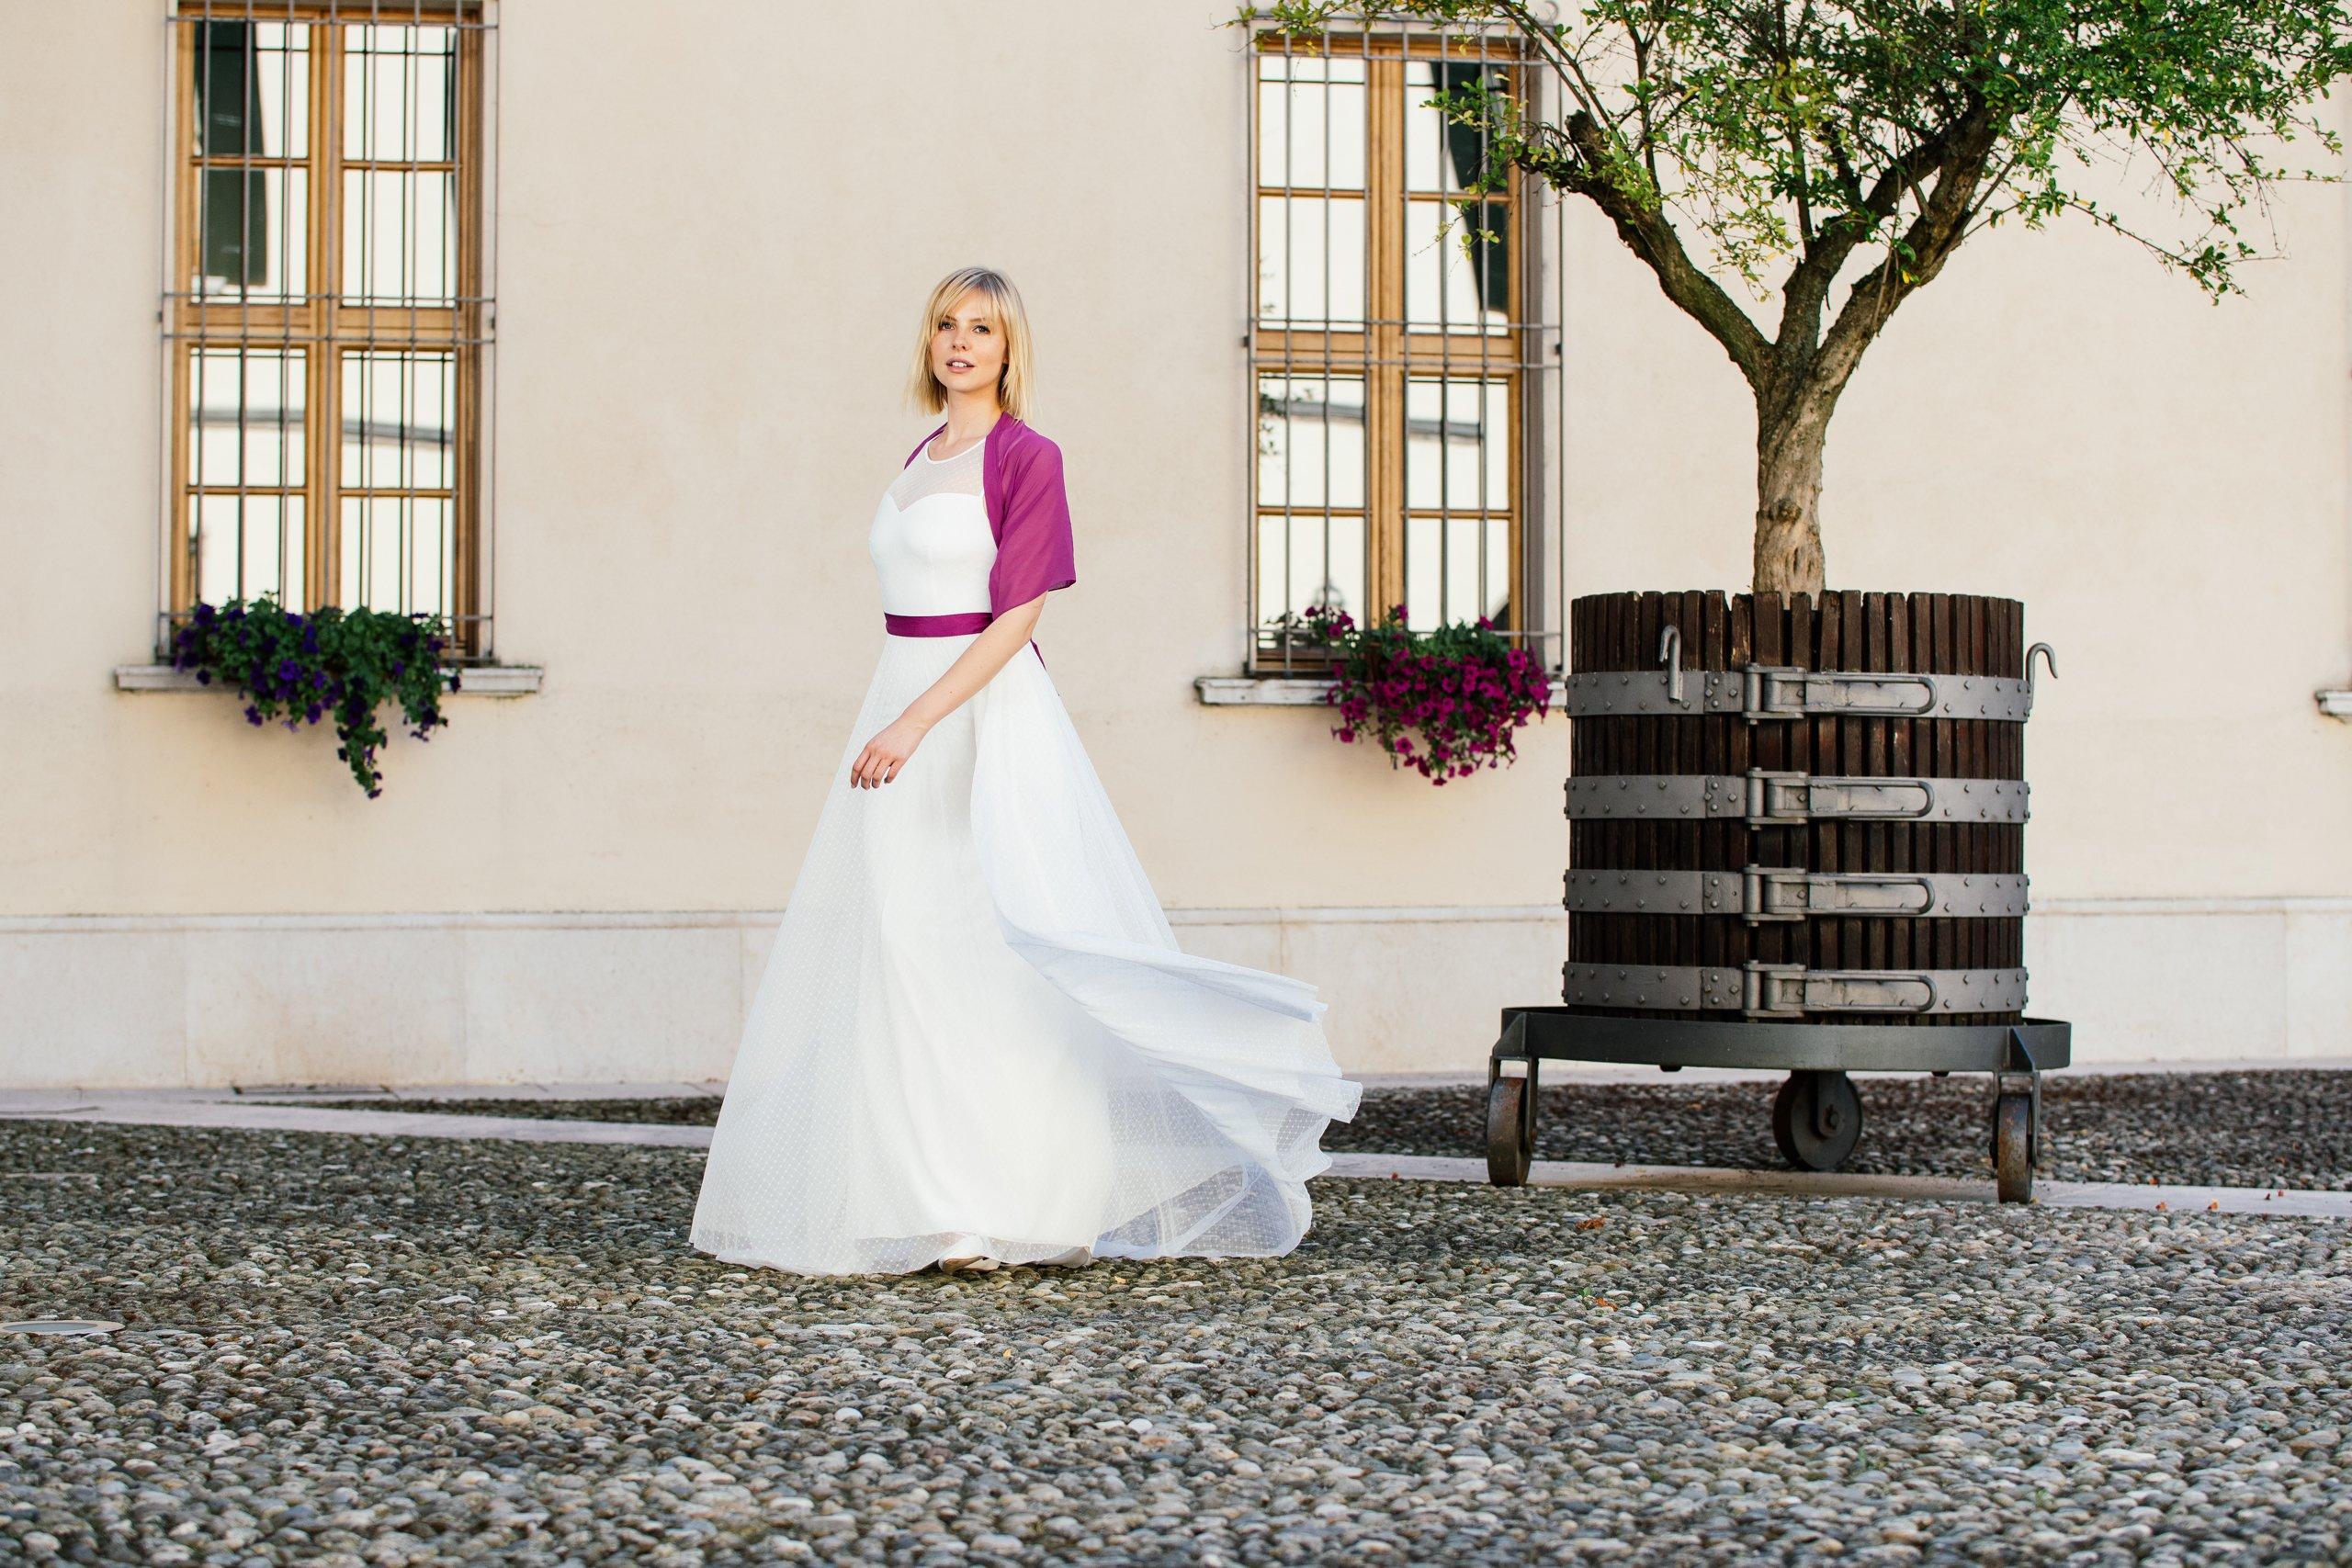 Schönes Brautkleid mit Punkten - besonders und schlicht